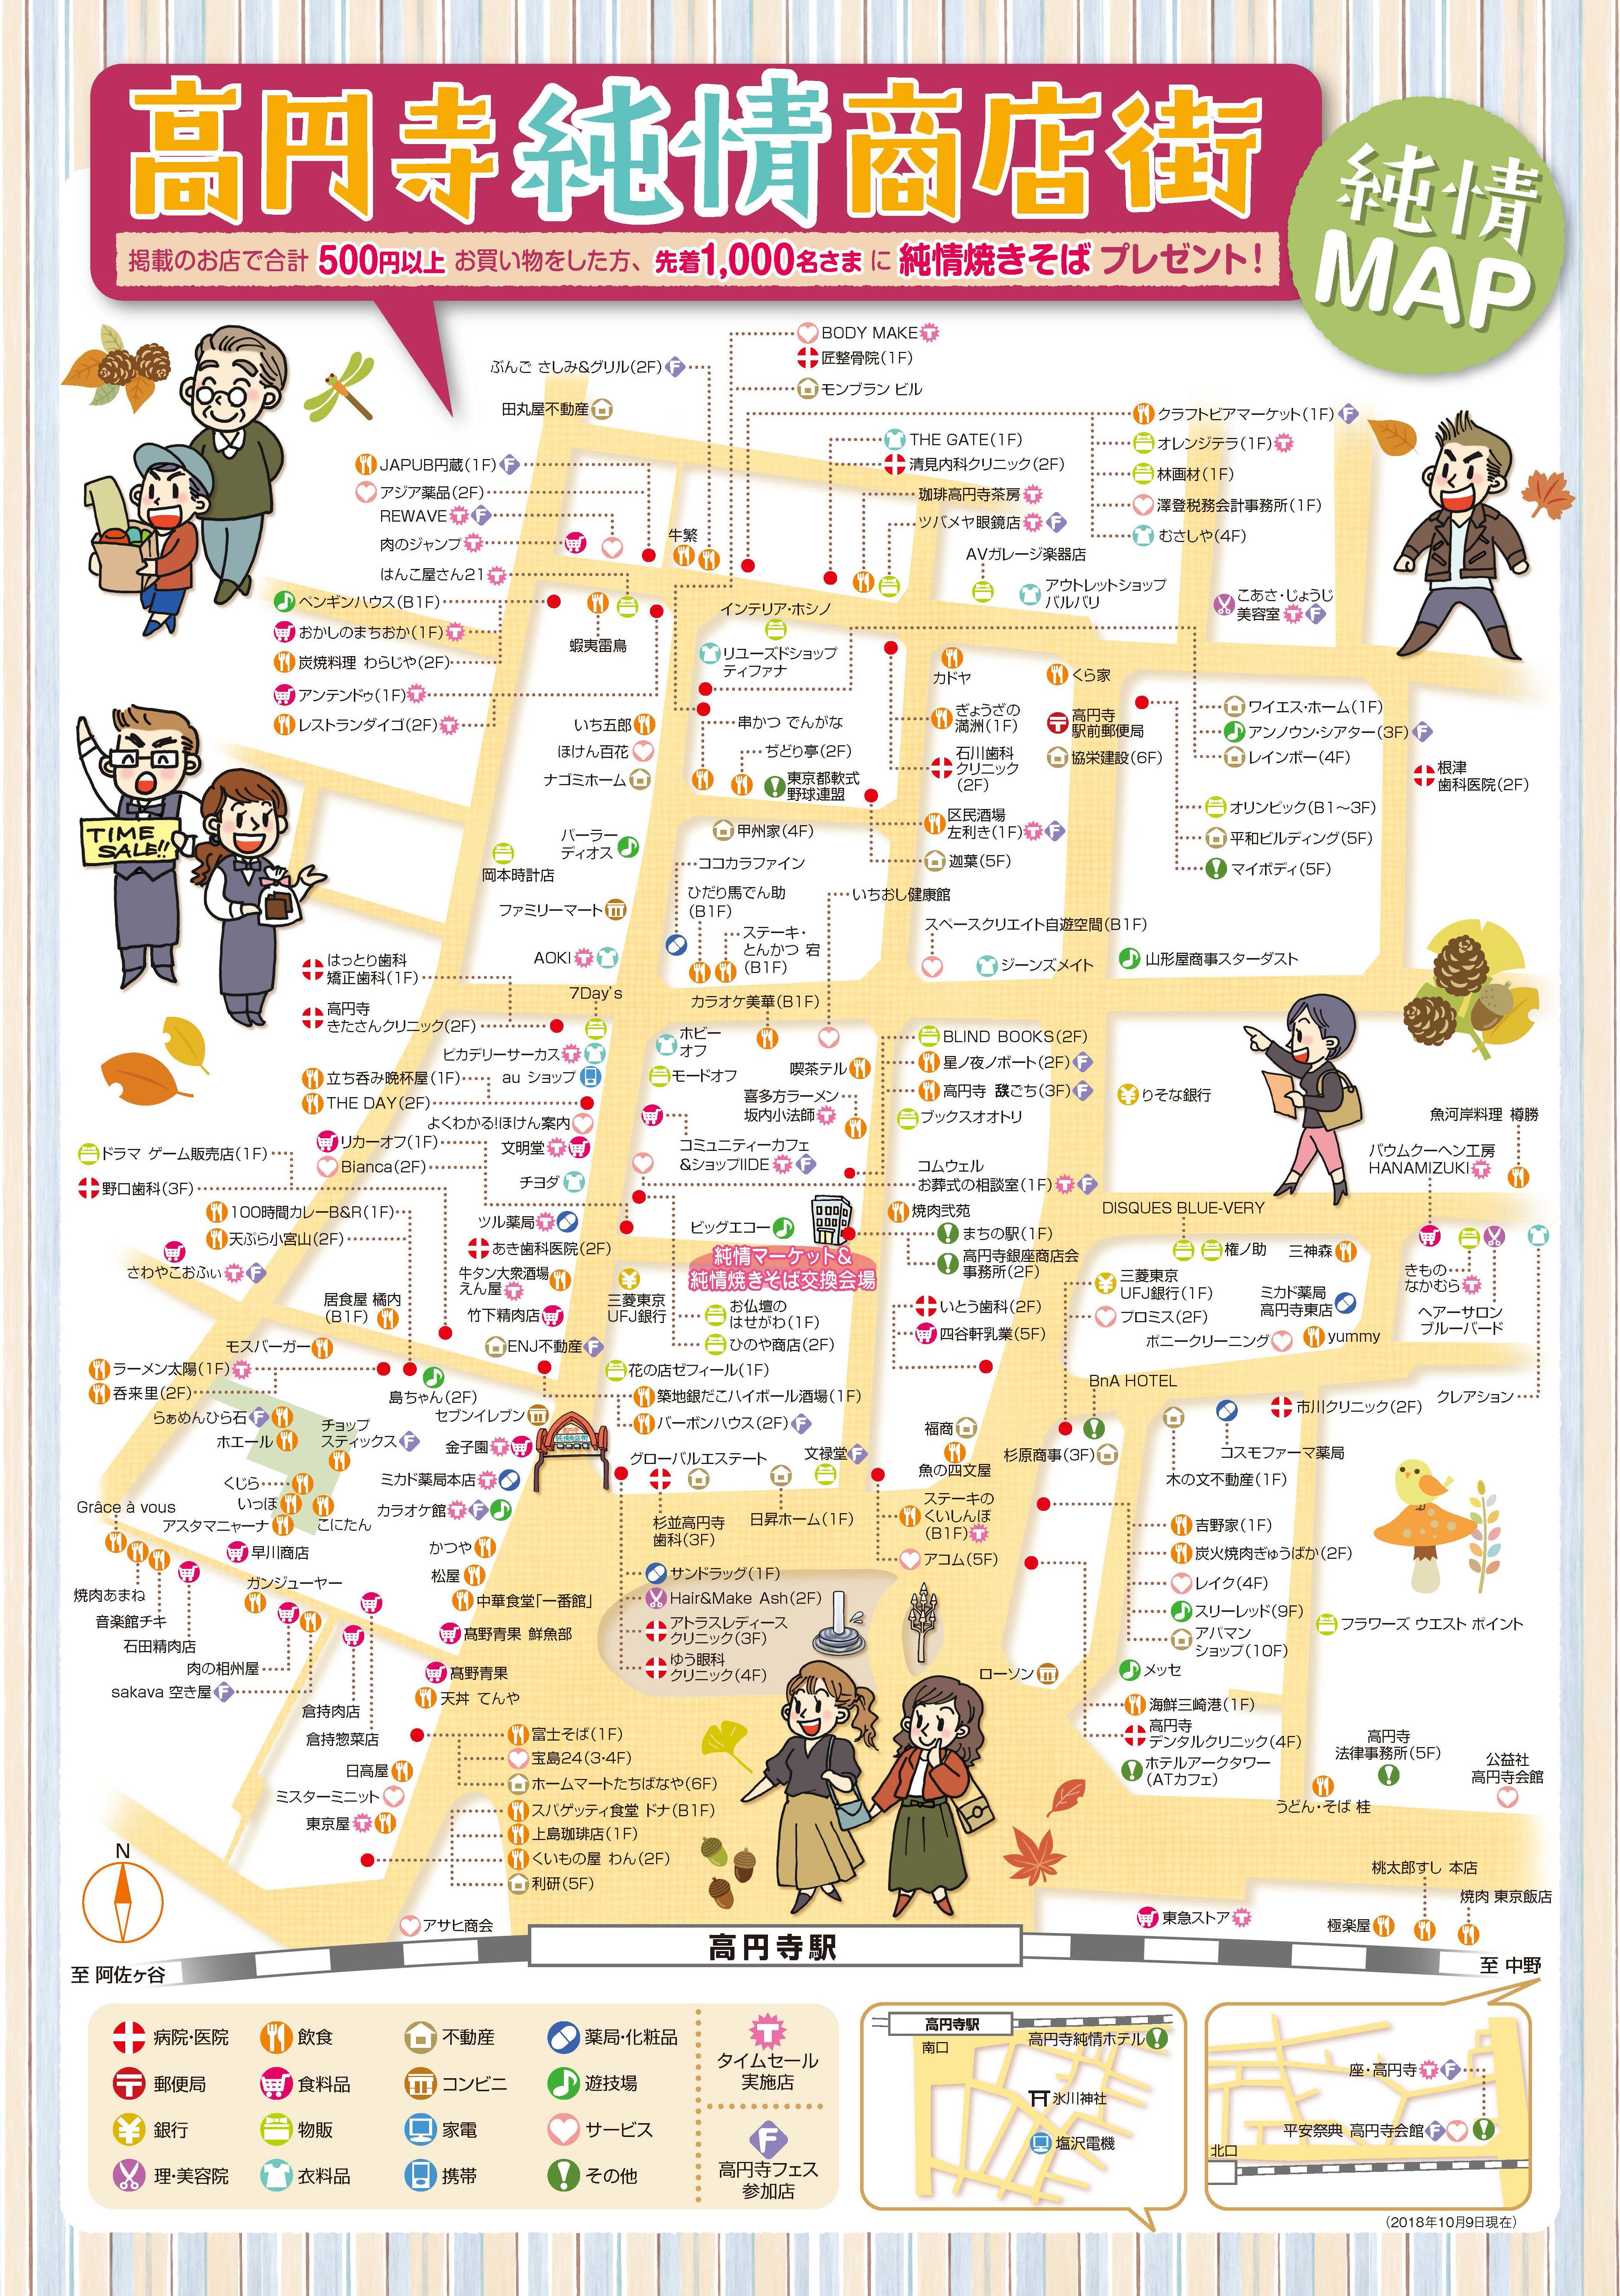 第171回 秋のびっくり市2018 ~純情タイムセール~ 開催のお知らせ